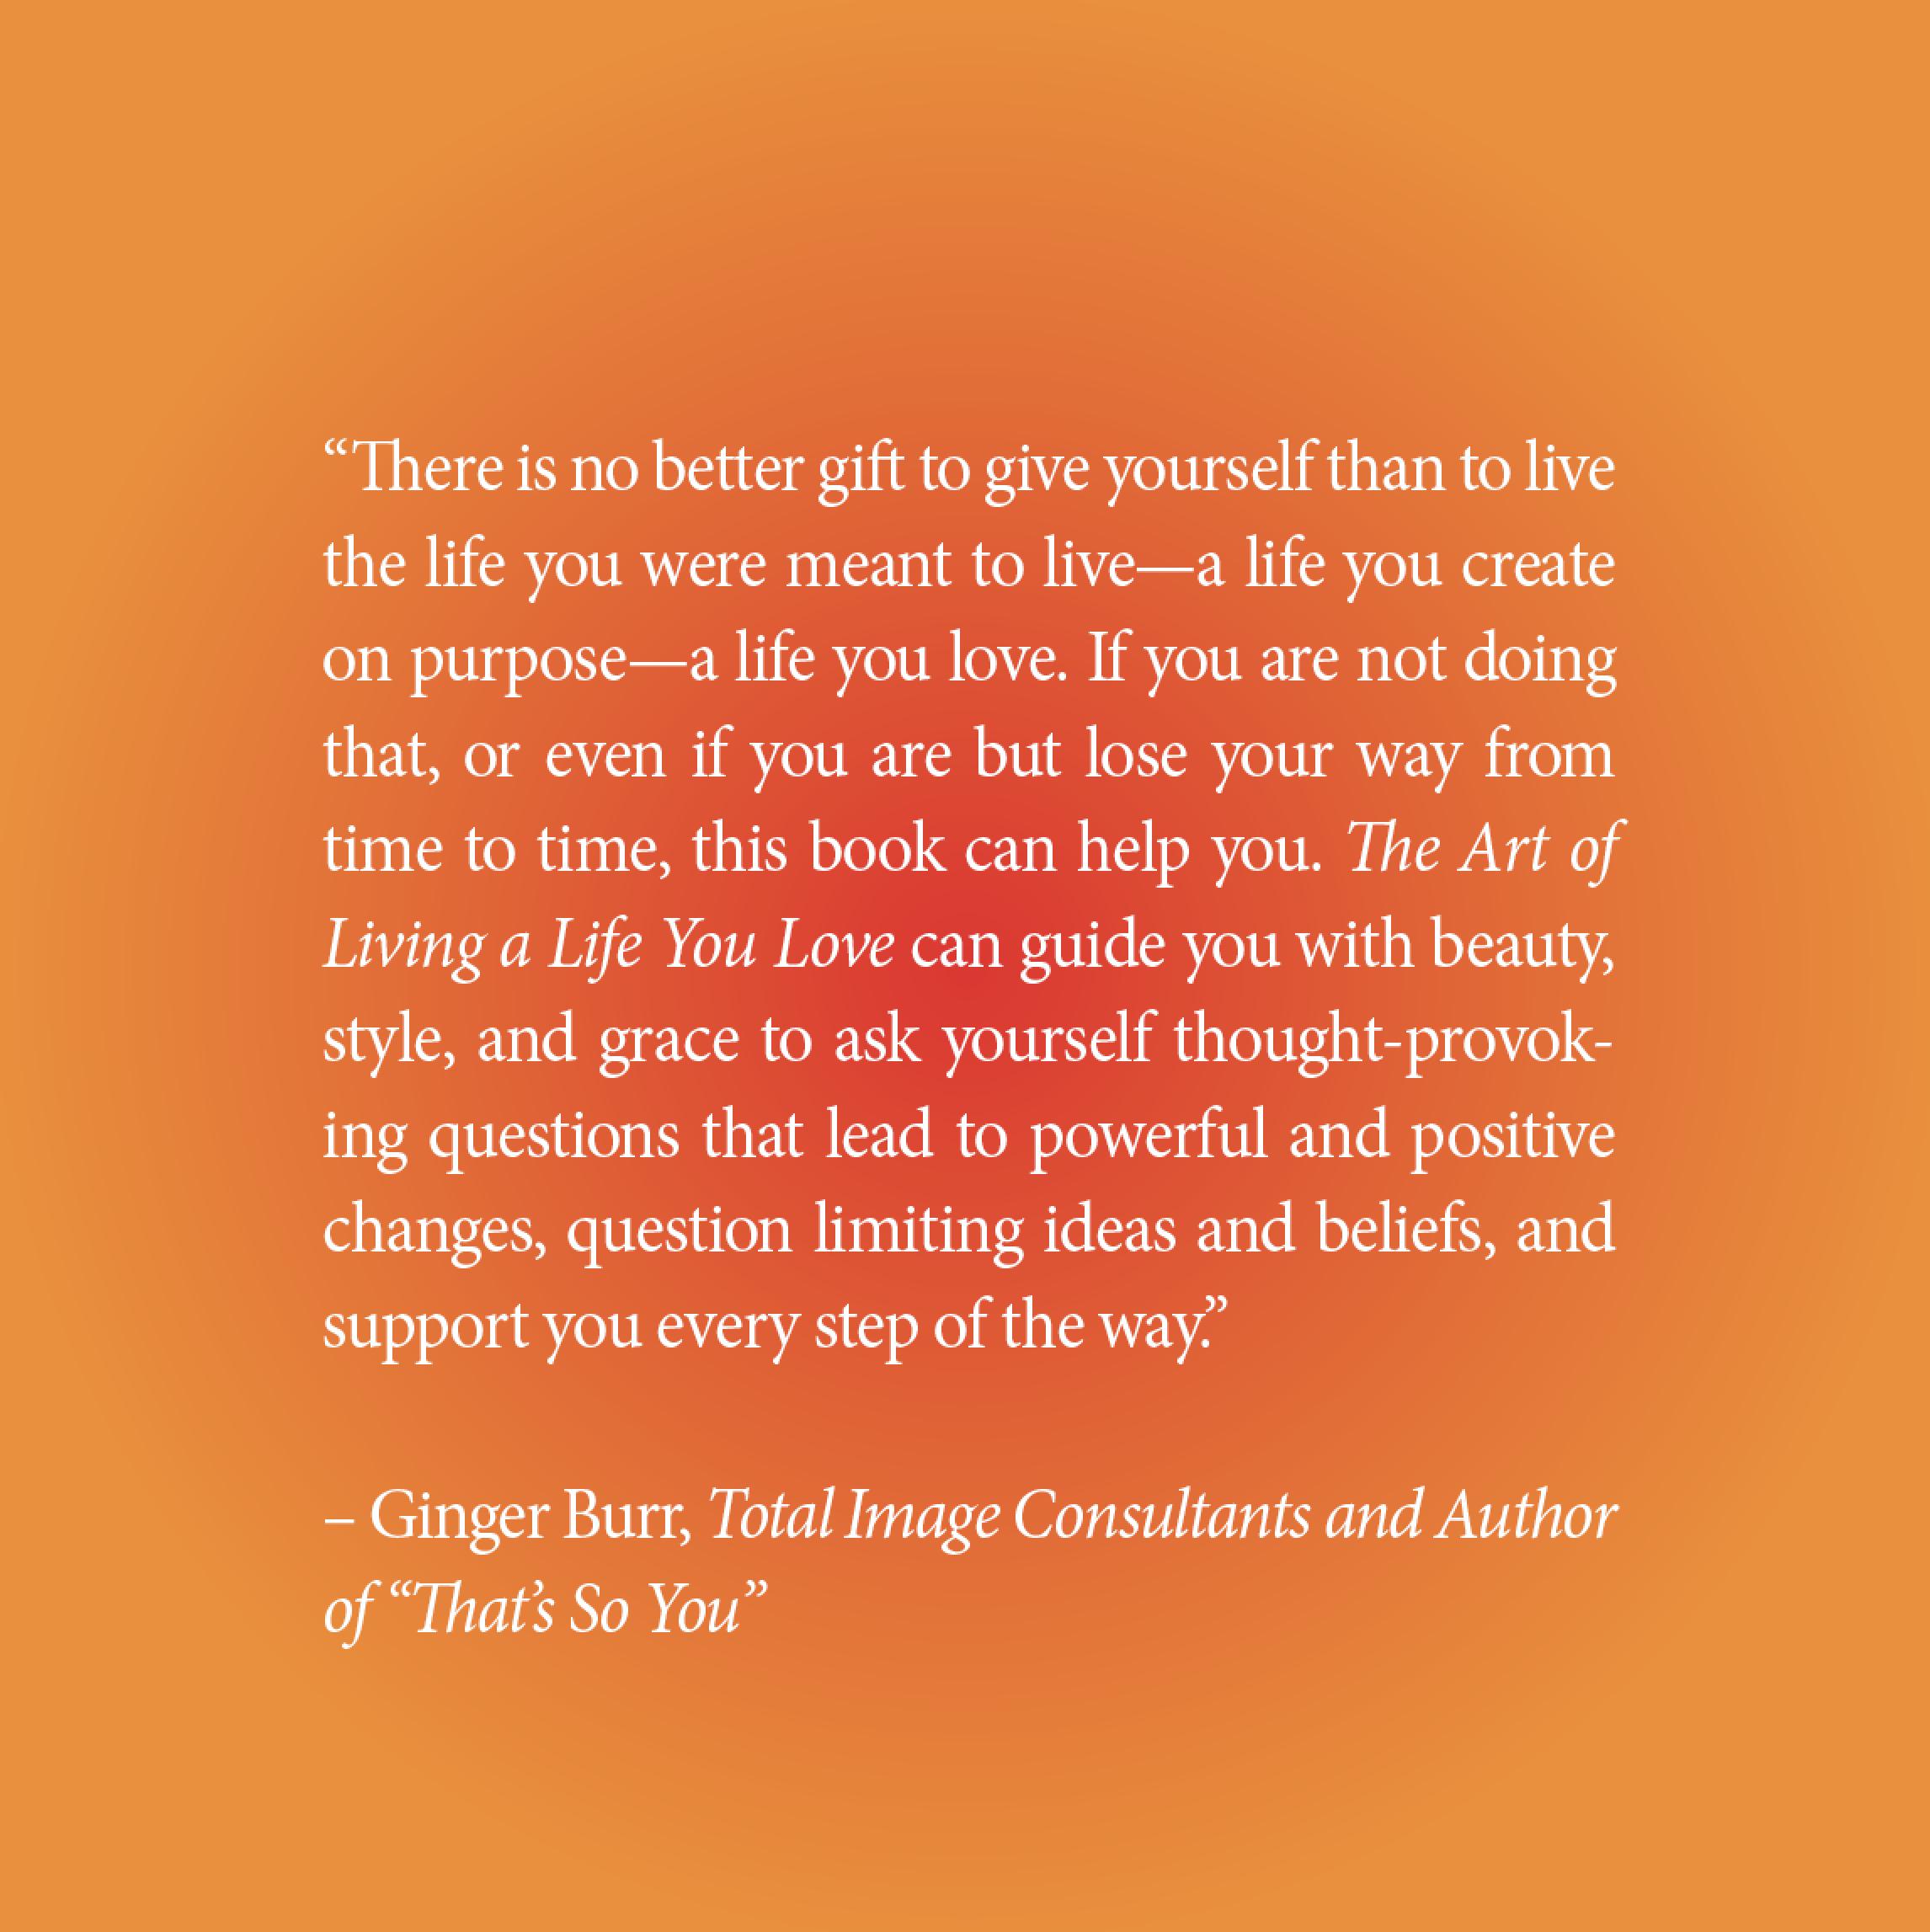 Ginger Burr